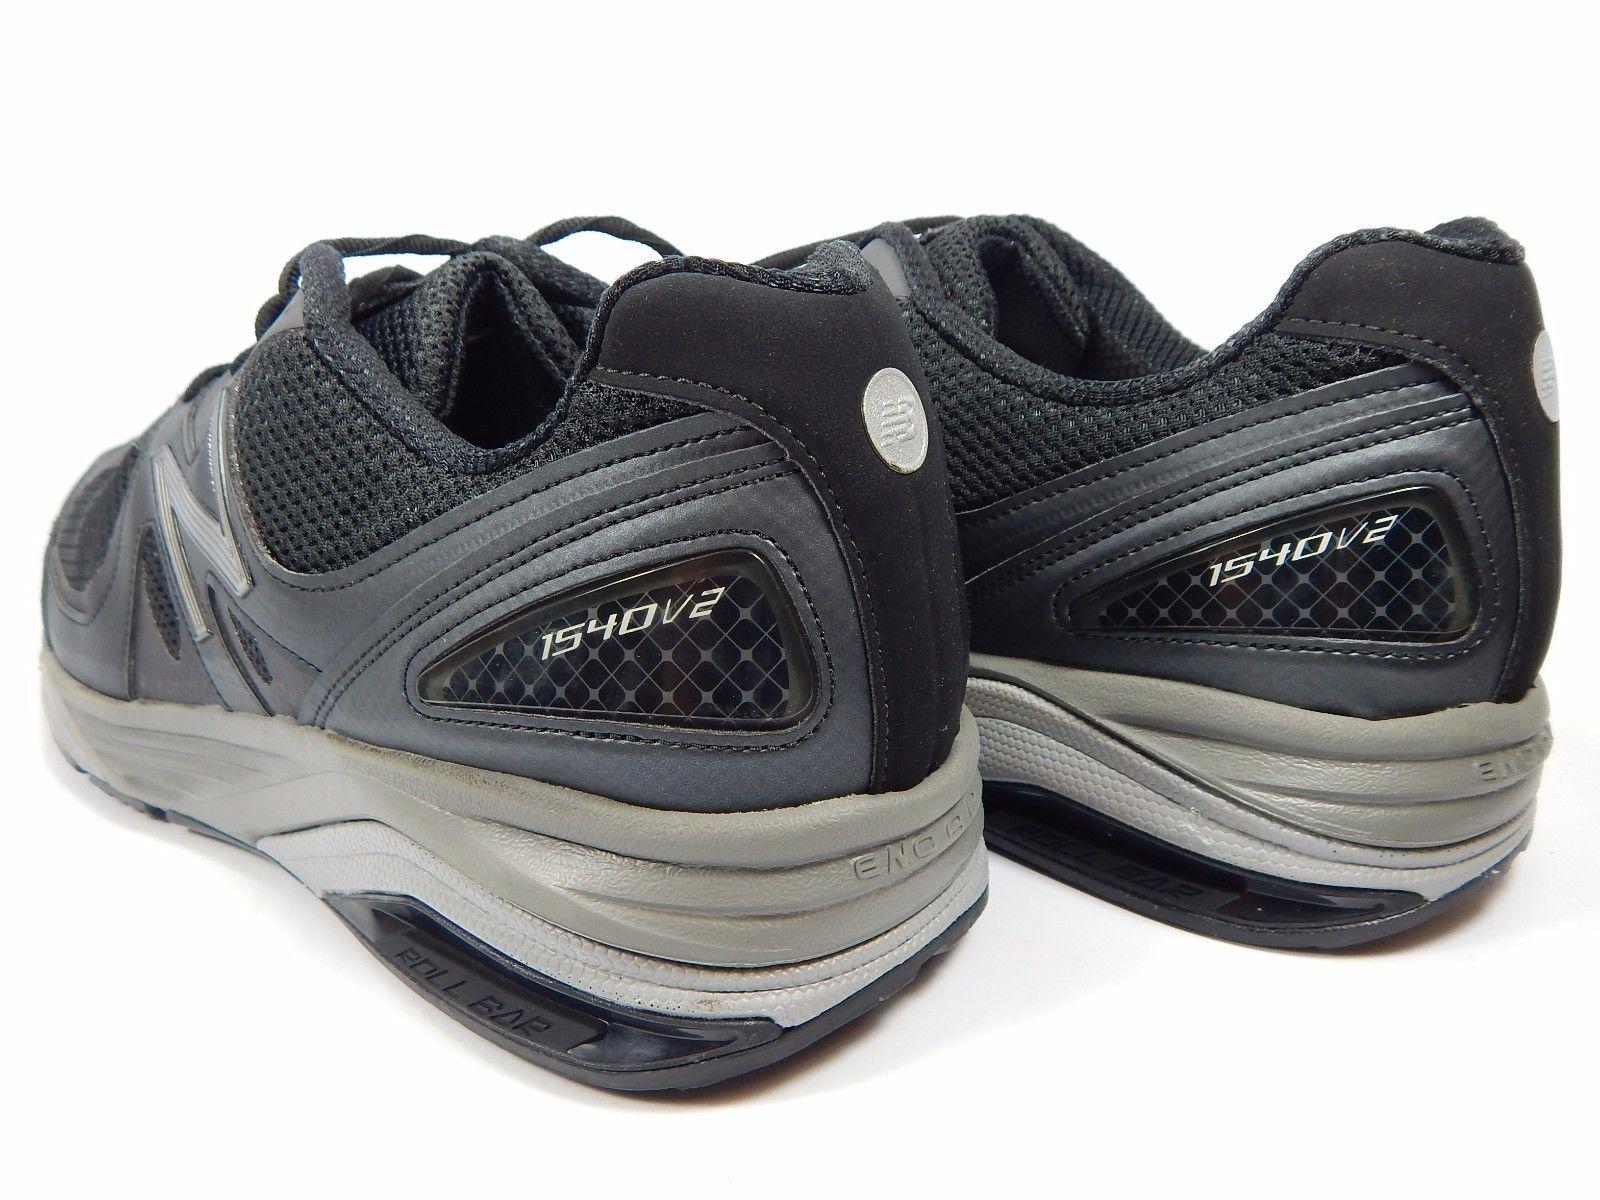 a78ae31a13e New Balance 1540 v2 Men u0027s Running Shoes Size US 14 4E EXTRA WIDE EU